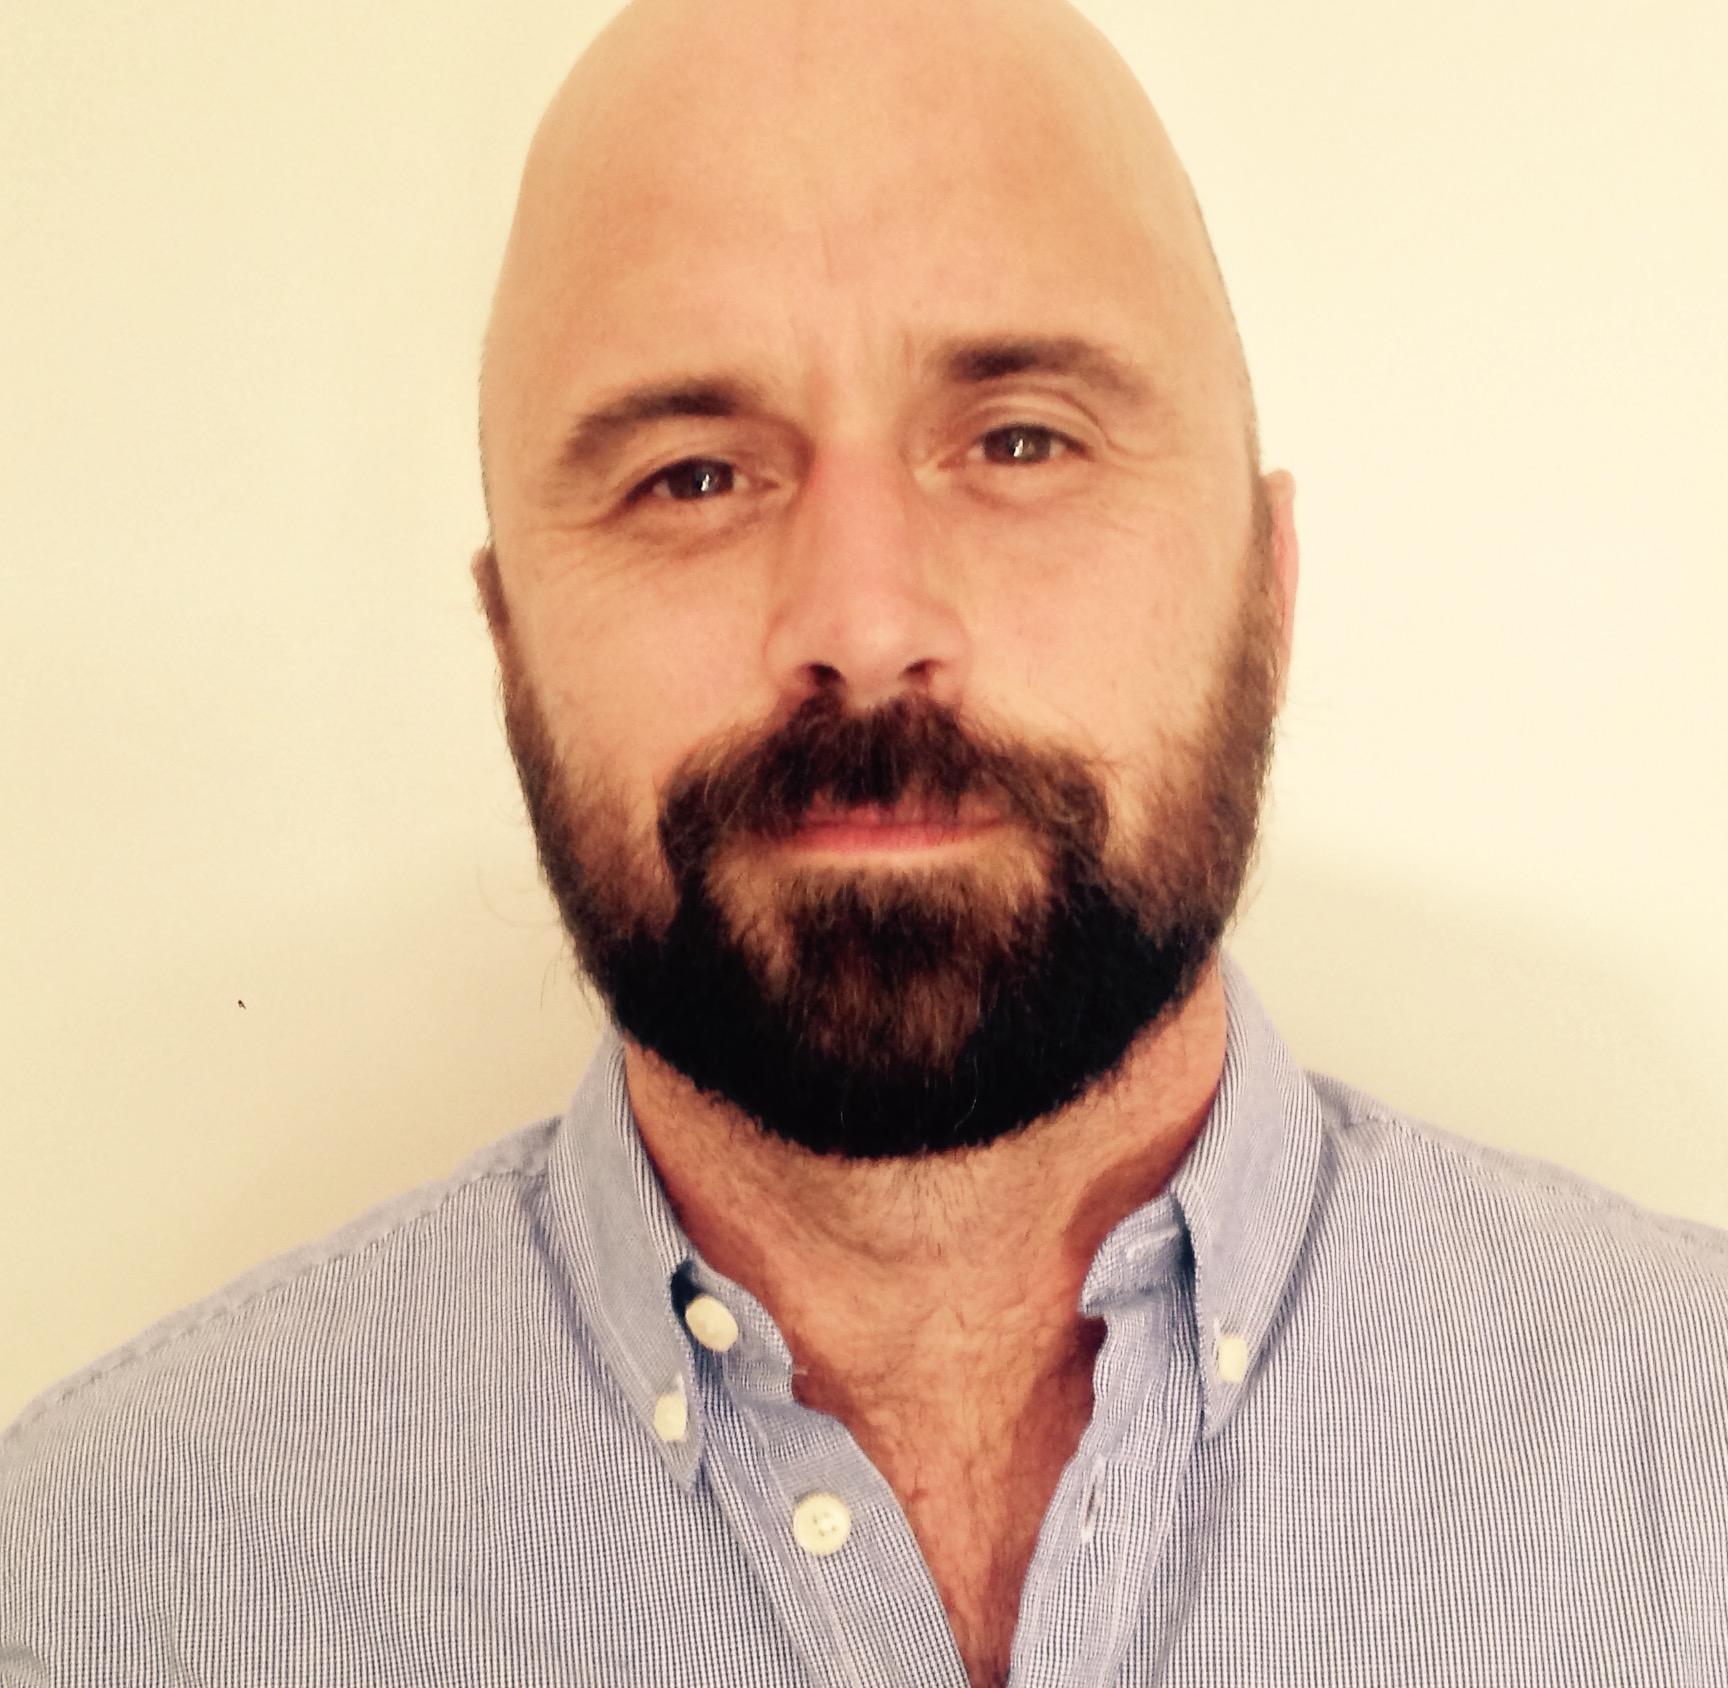 Carlos Javier Perez